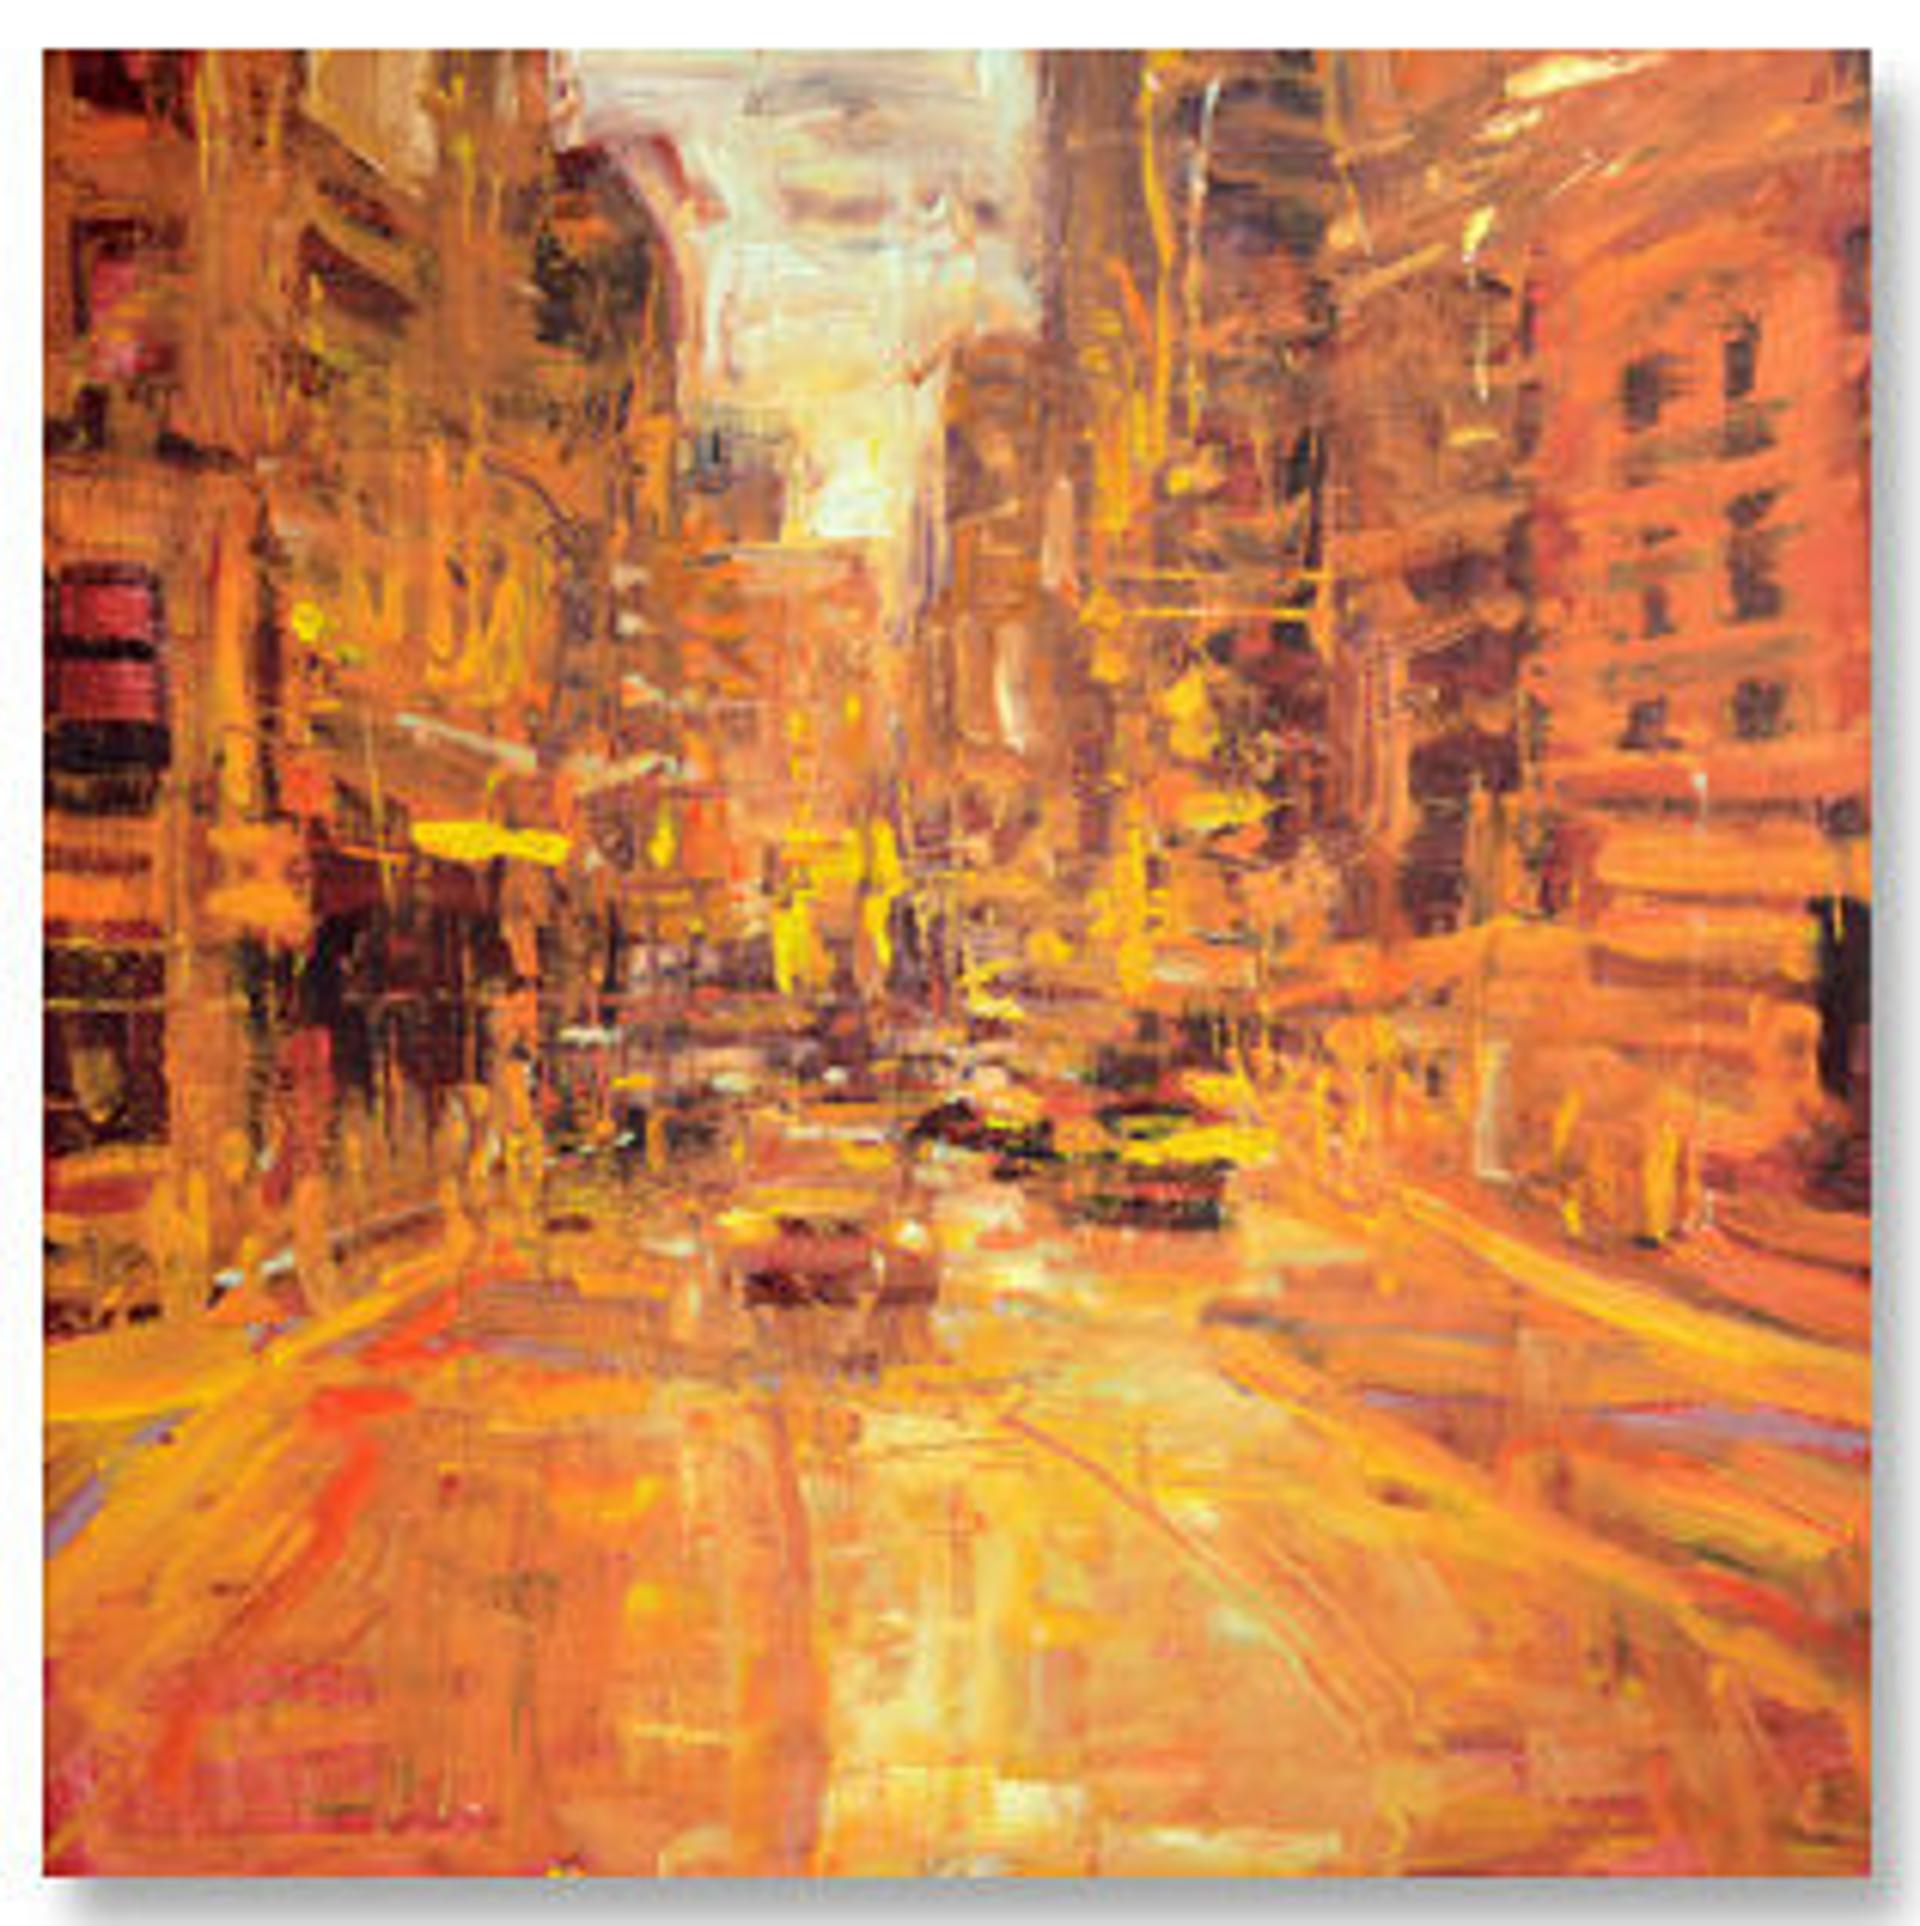 Urbanscape in Orange by Jim Beckner